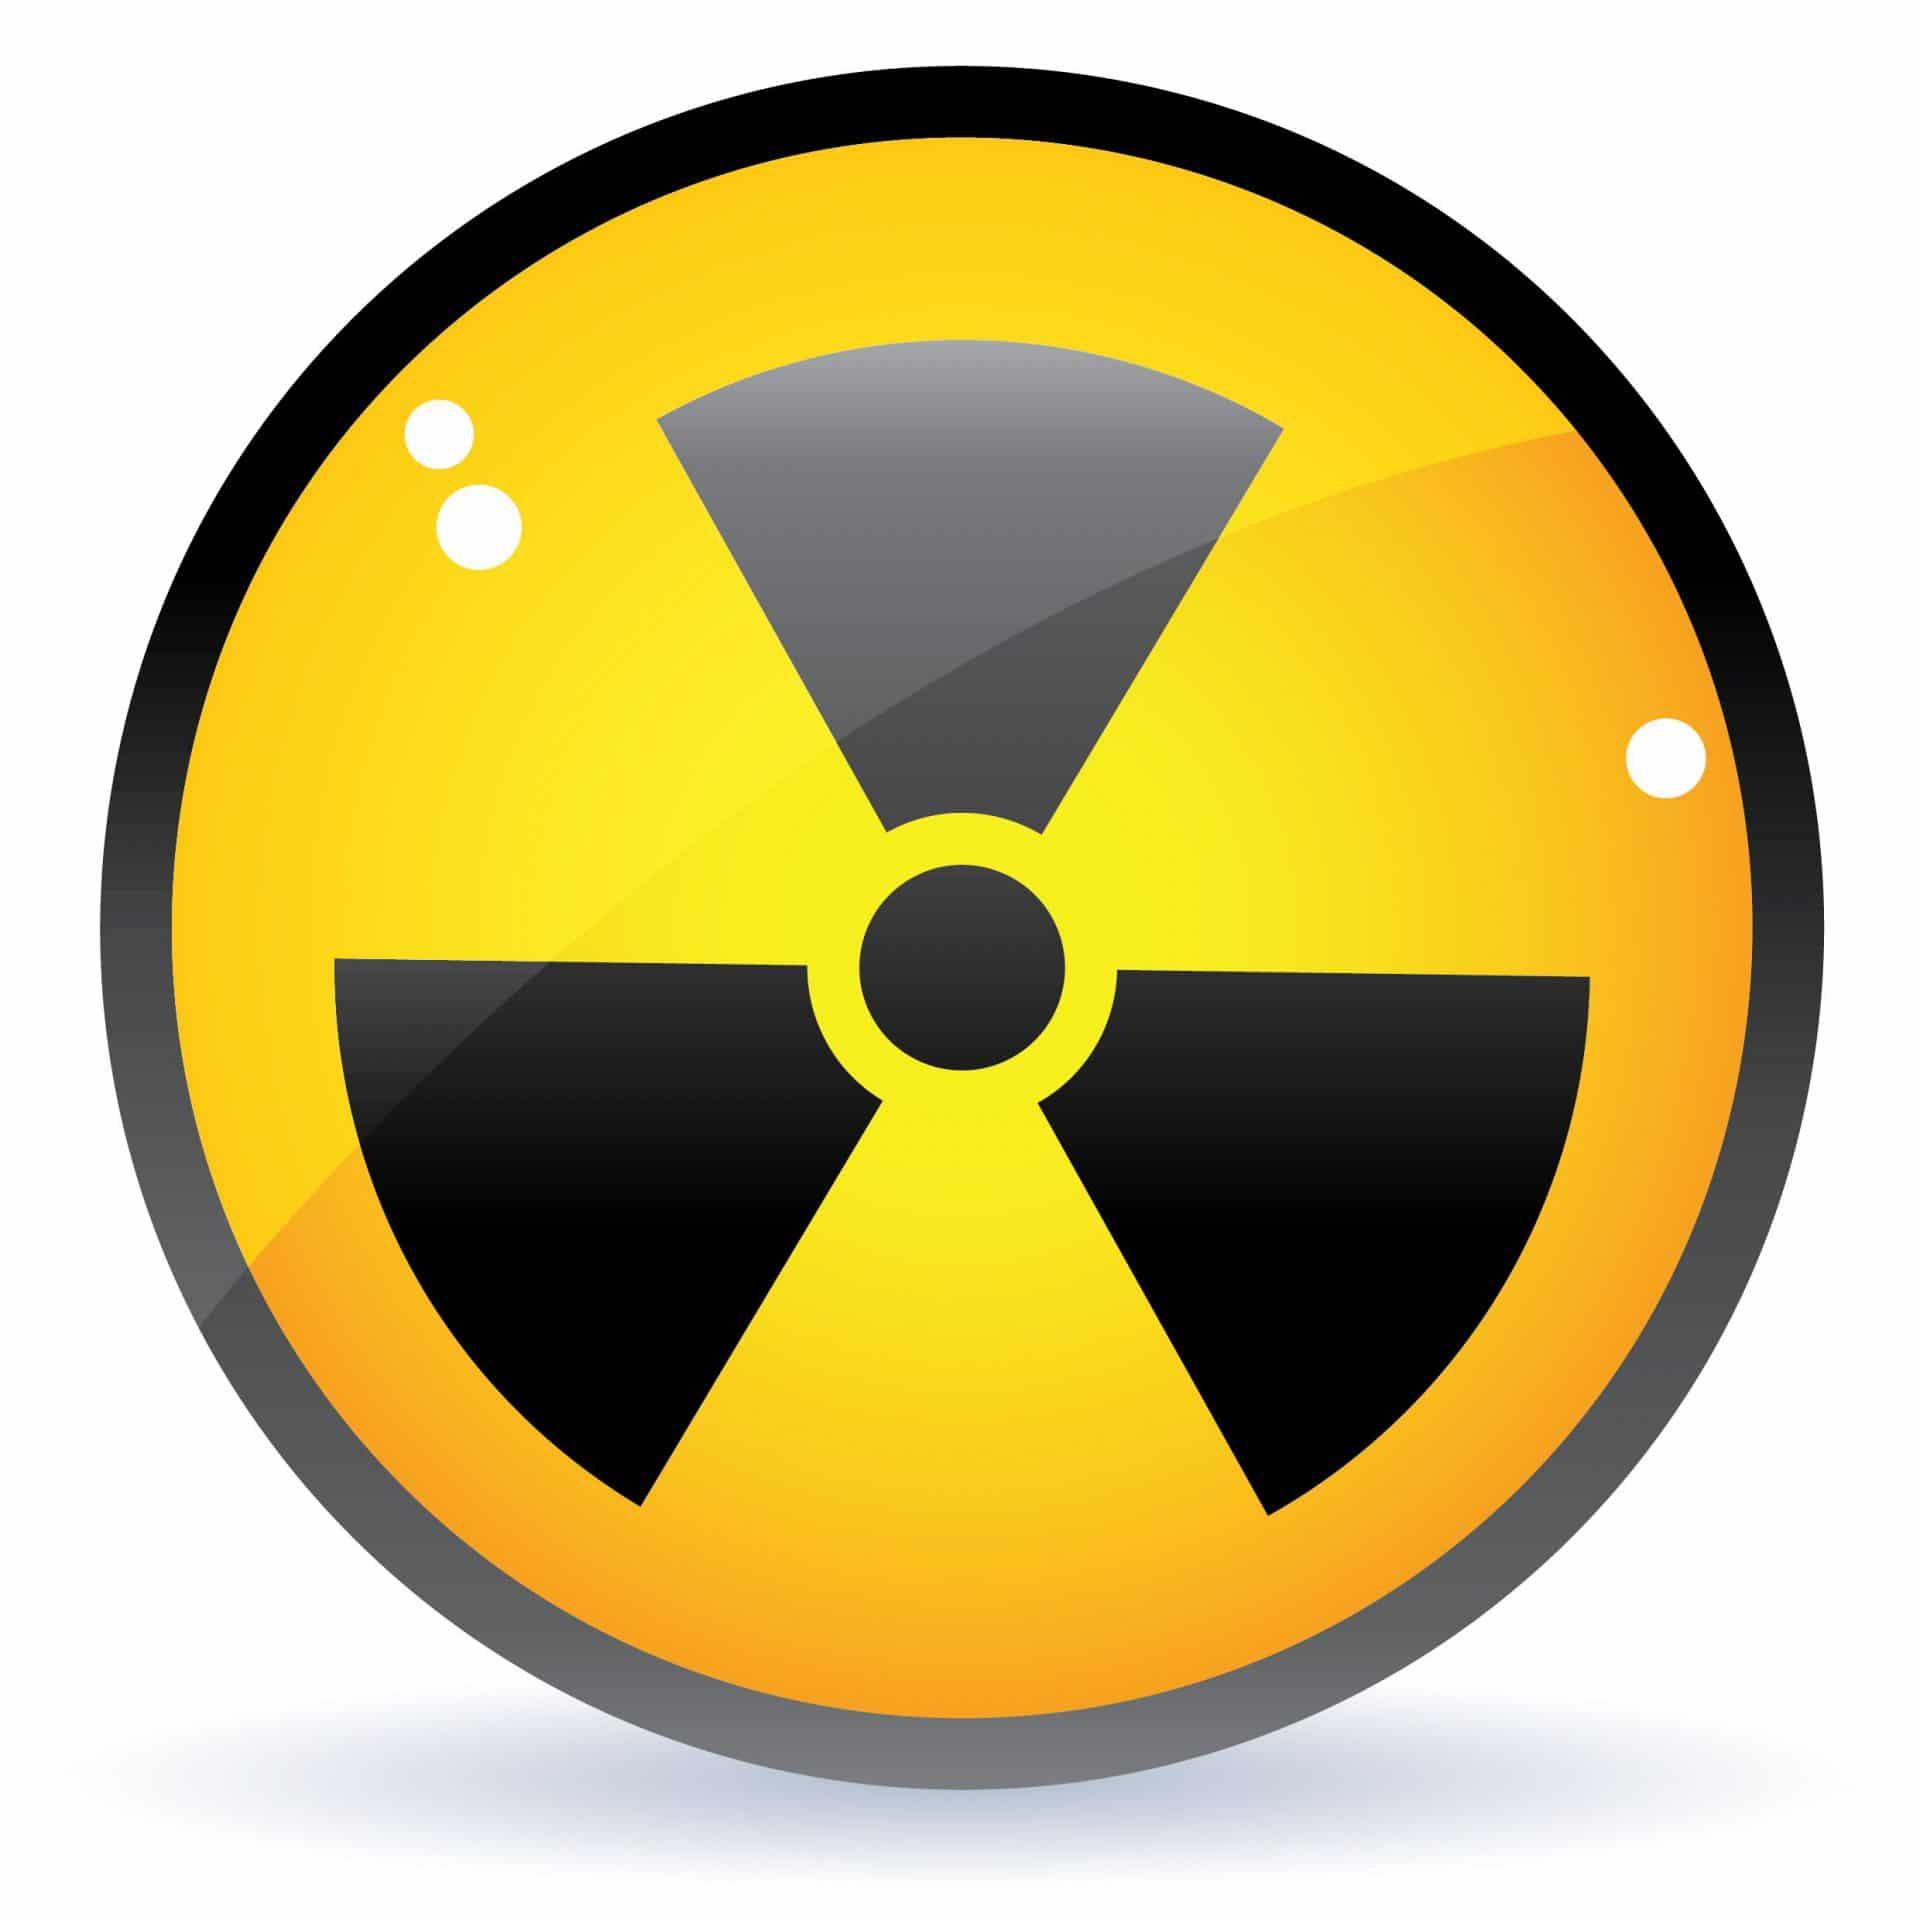 למי פונים לצורך ביצוע בדיקה של גז ראדון?